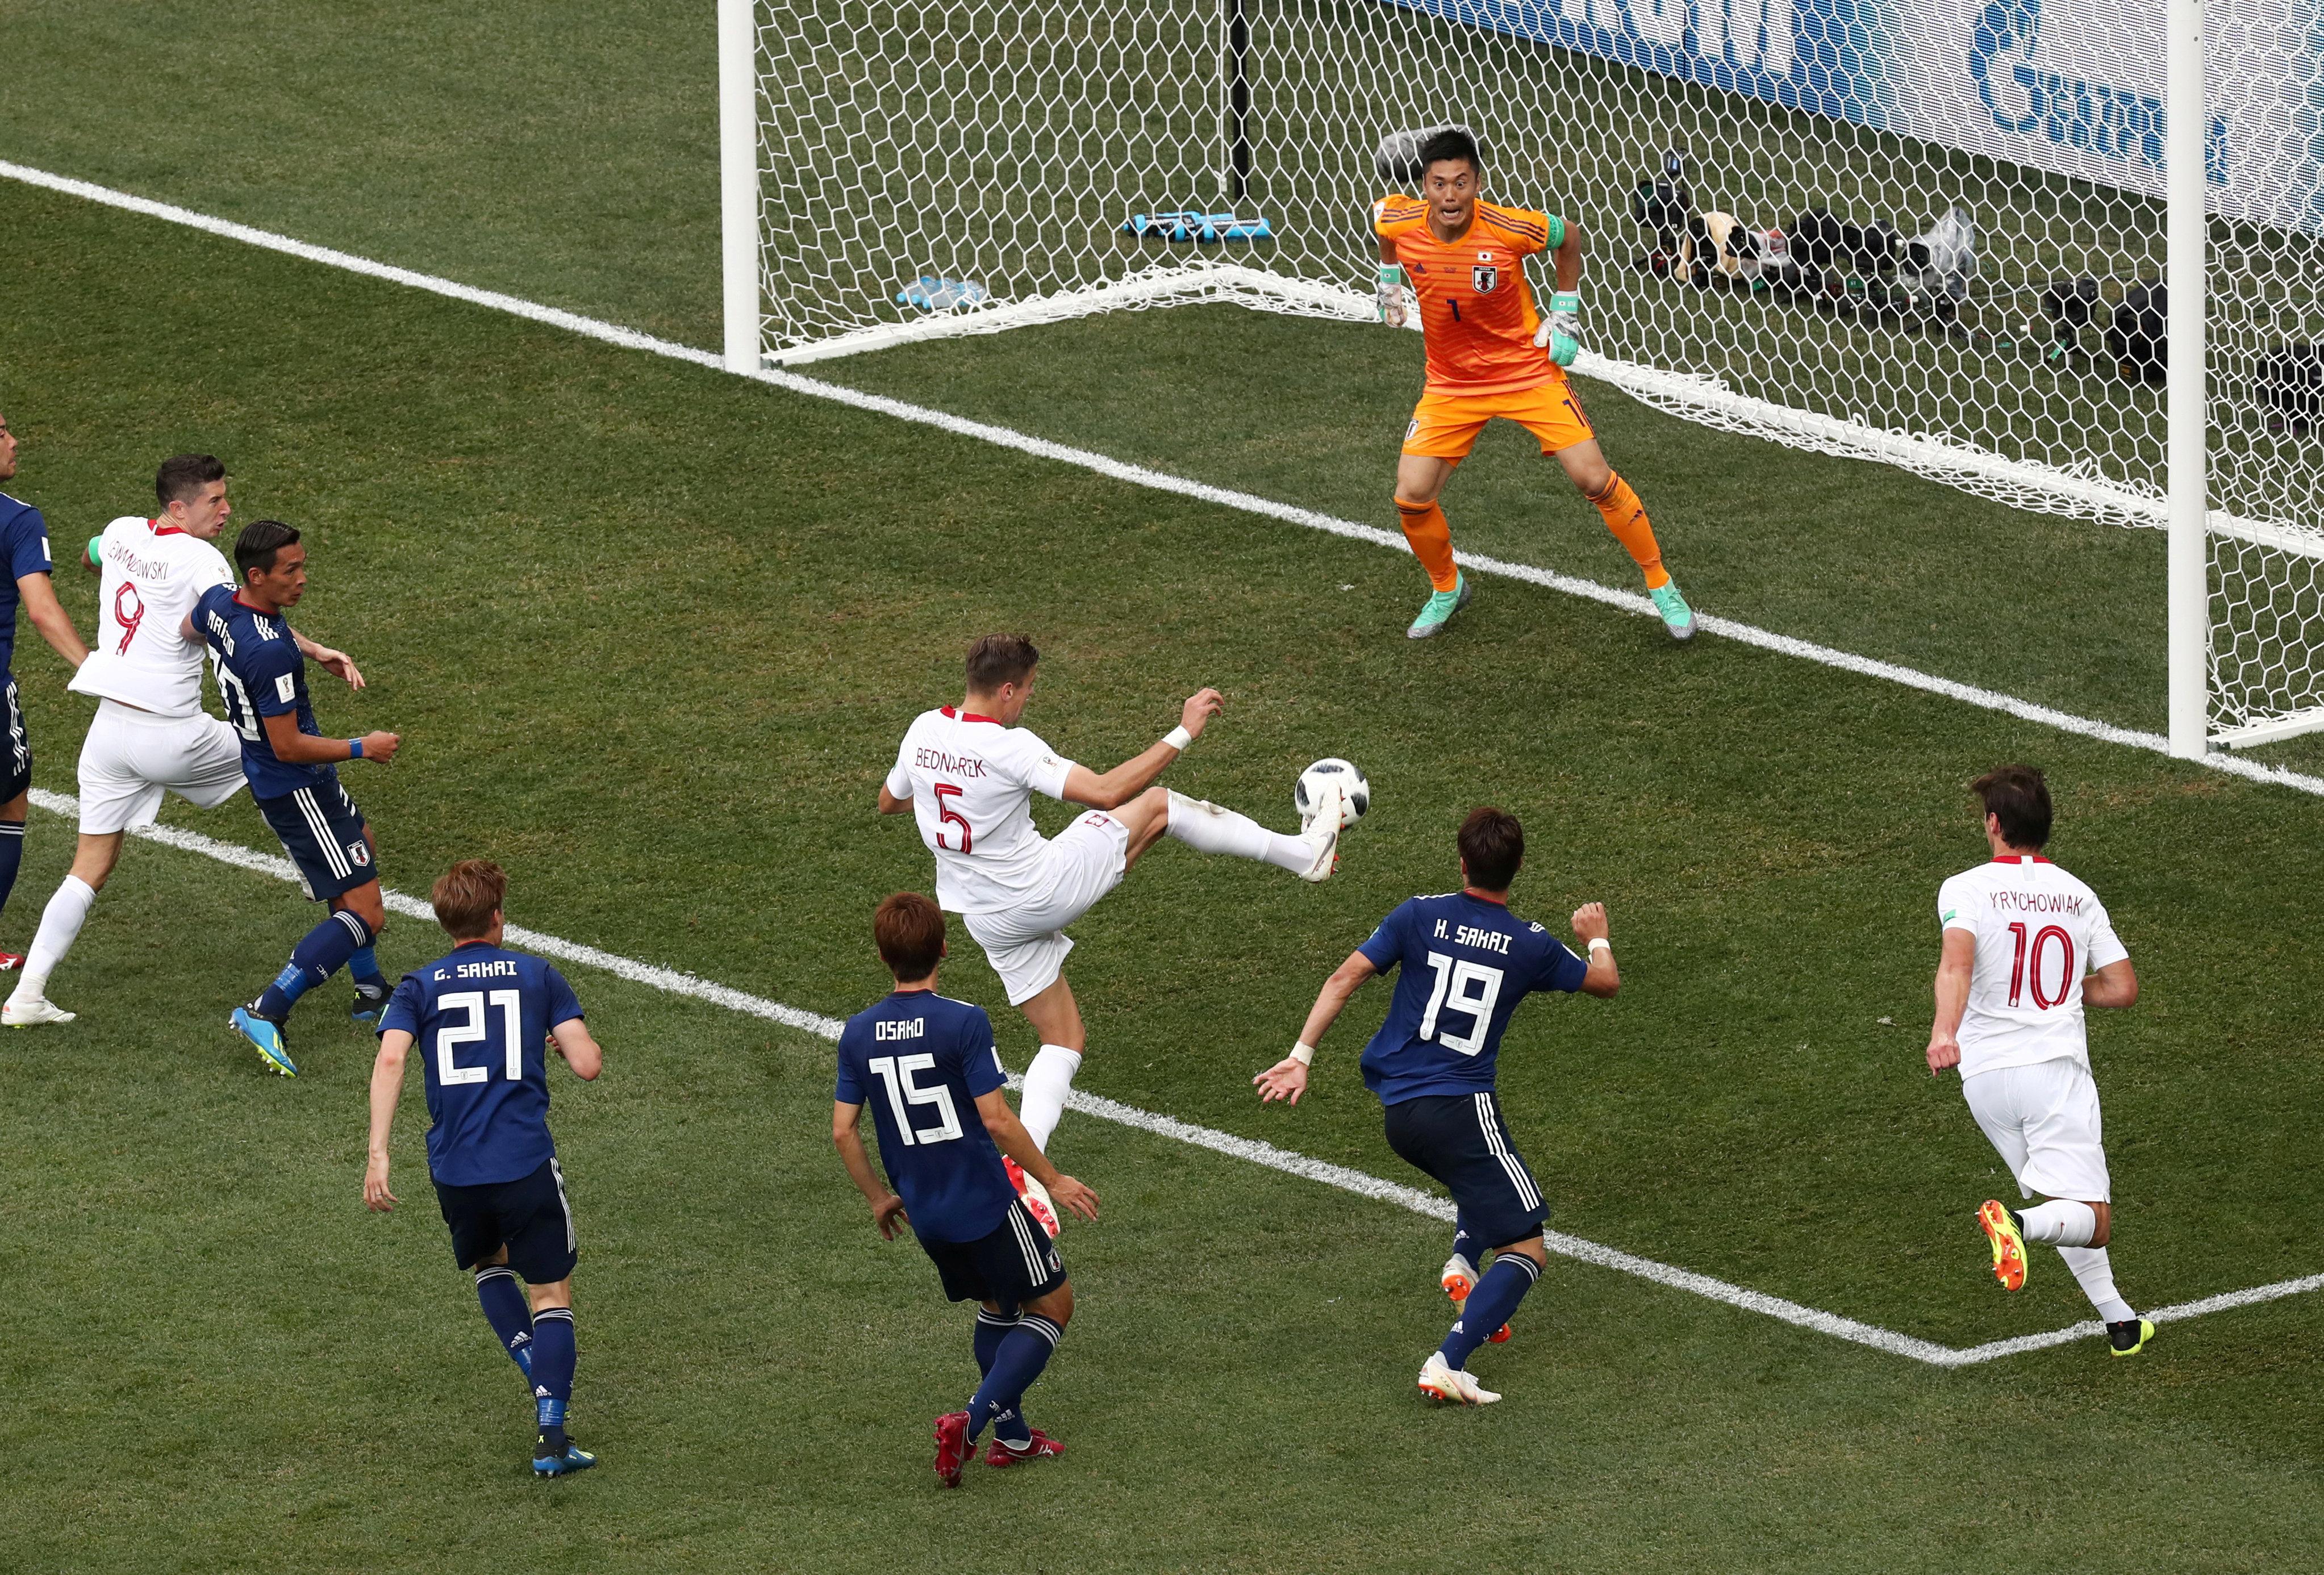 """세계가 다 손가락질해도 일본 언론은 """"그게 일본다운 축구""""라고 칭찬했다"""